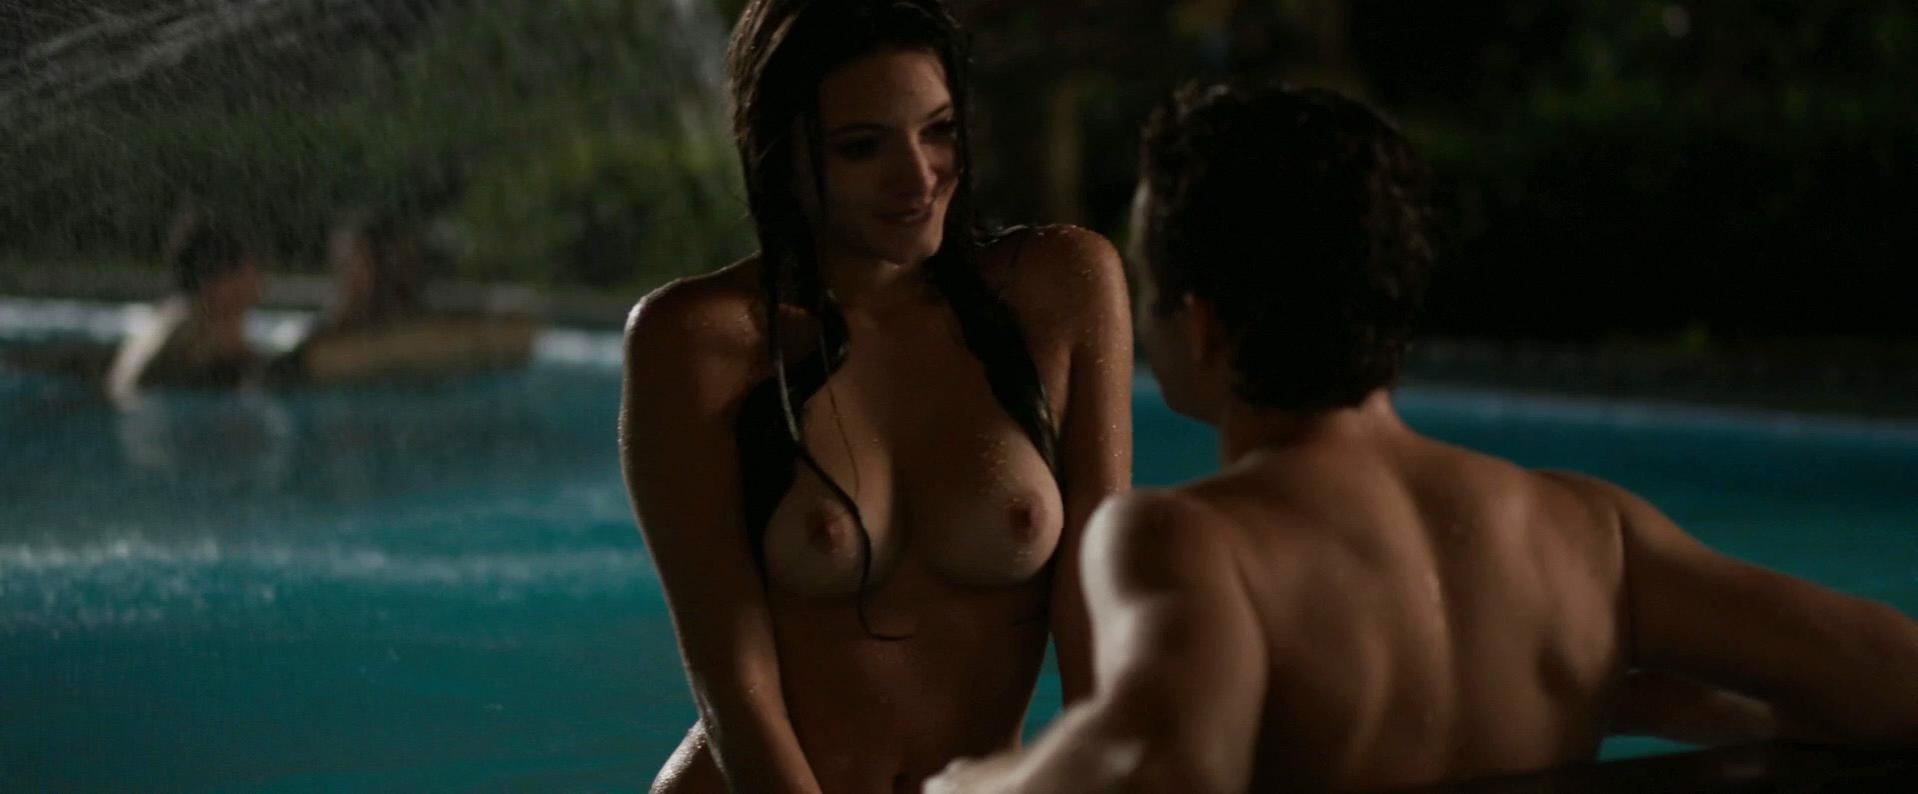 Carla Quevedo nude - Affluenza (2014)